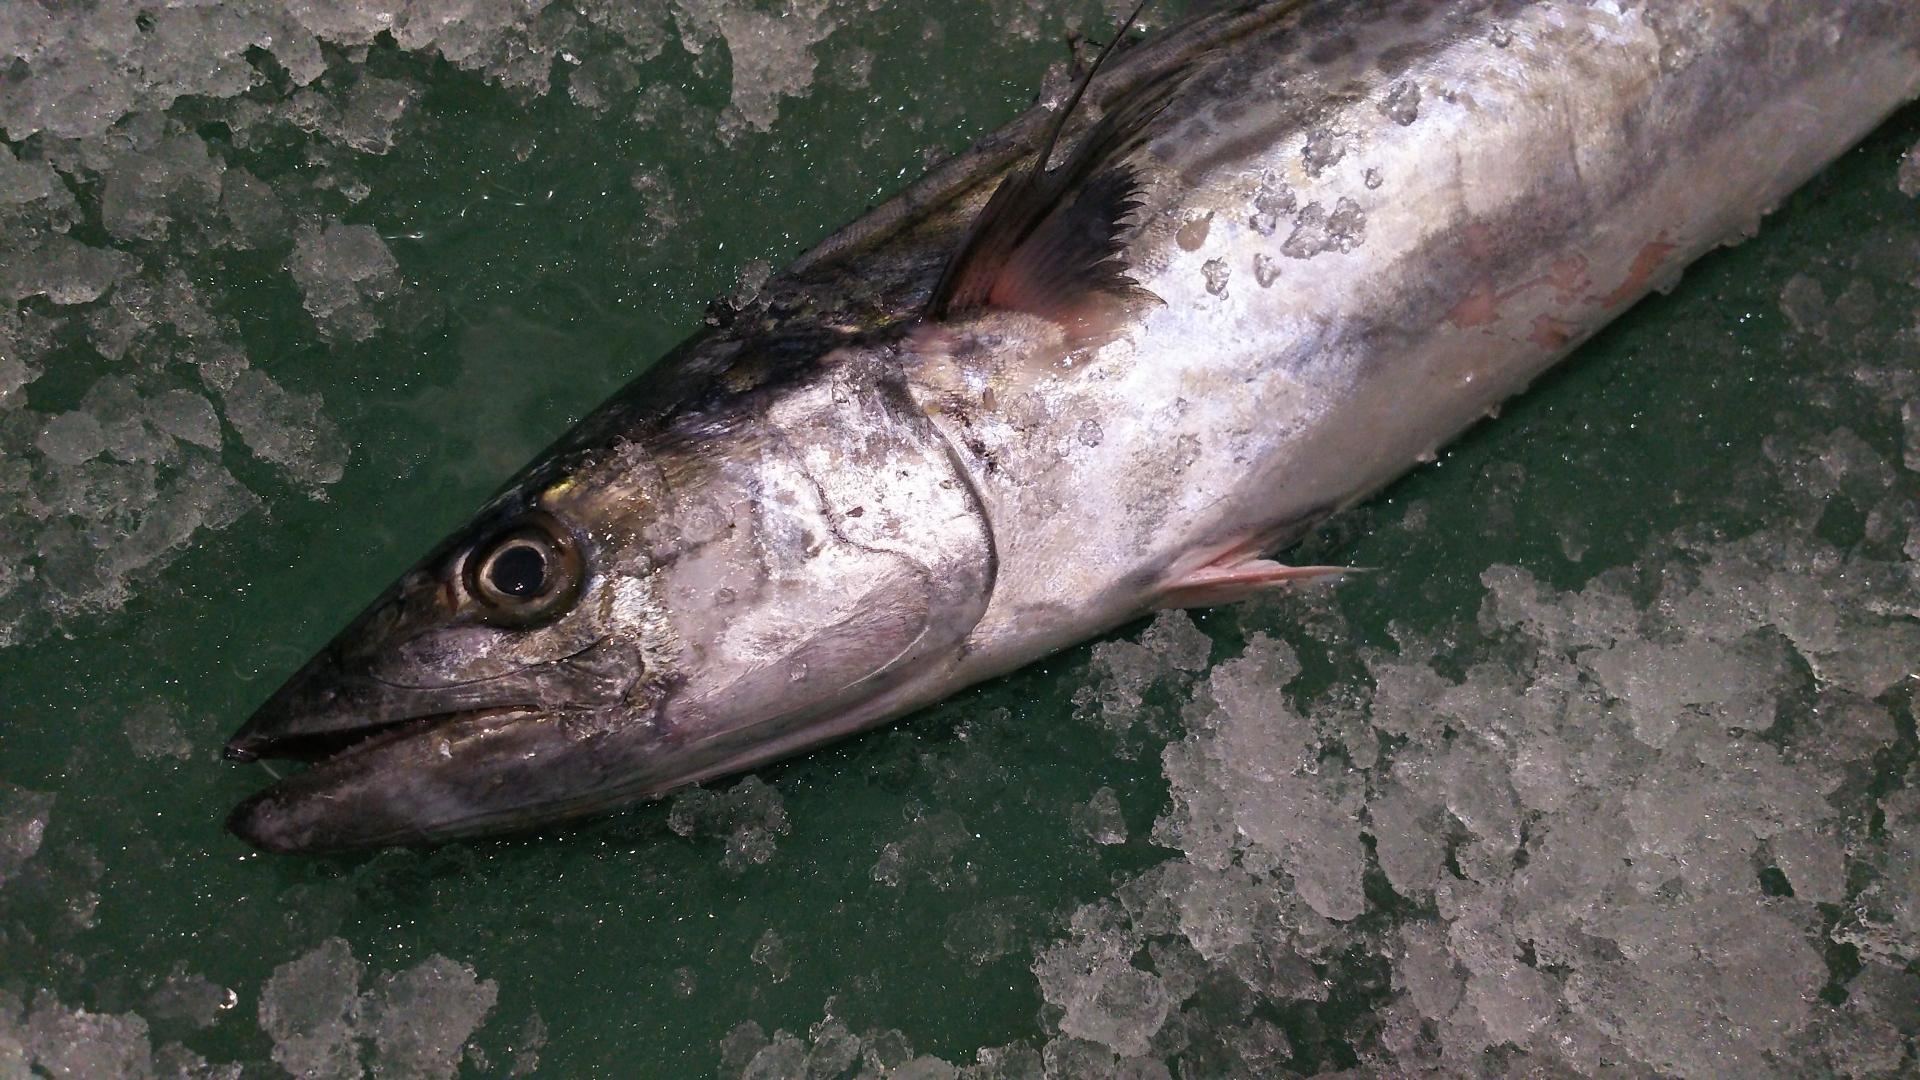 魚へんに 春 でなんと読む 鰆 の正しい読み方 由来をご紹介 魚へんの漢字辞典 釣りラボマガジン